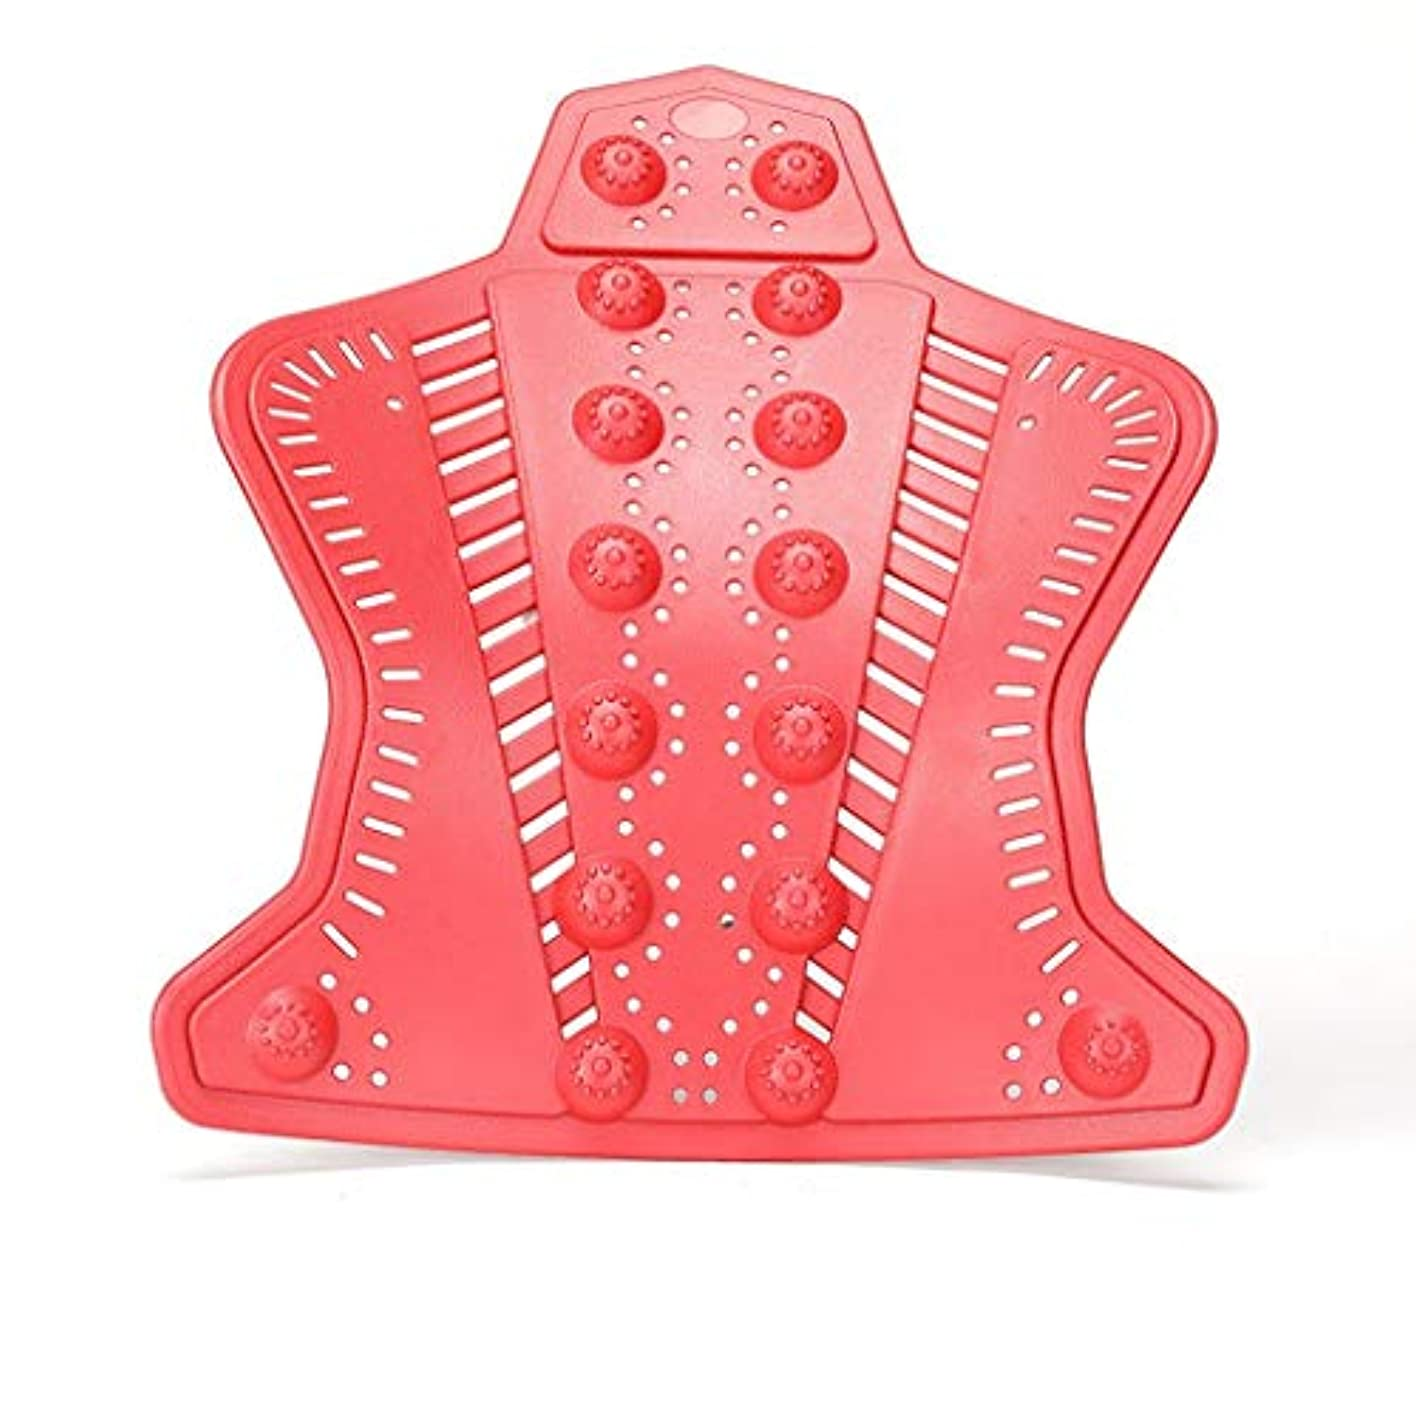 因子いま考古学背中のマッサージストレッチャーストレッチマジックウエストサポート首リラックス脊椎の痛み頚椎腰椎牽引ザトウクジラデバイス,Red